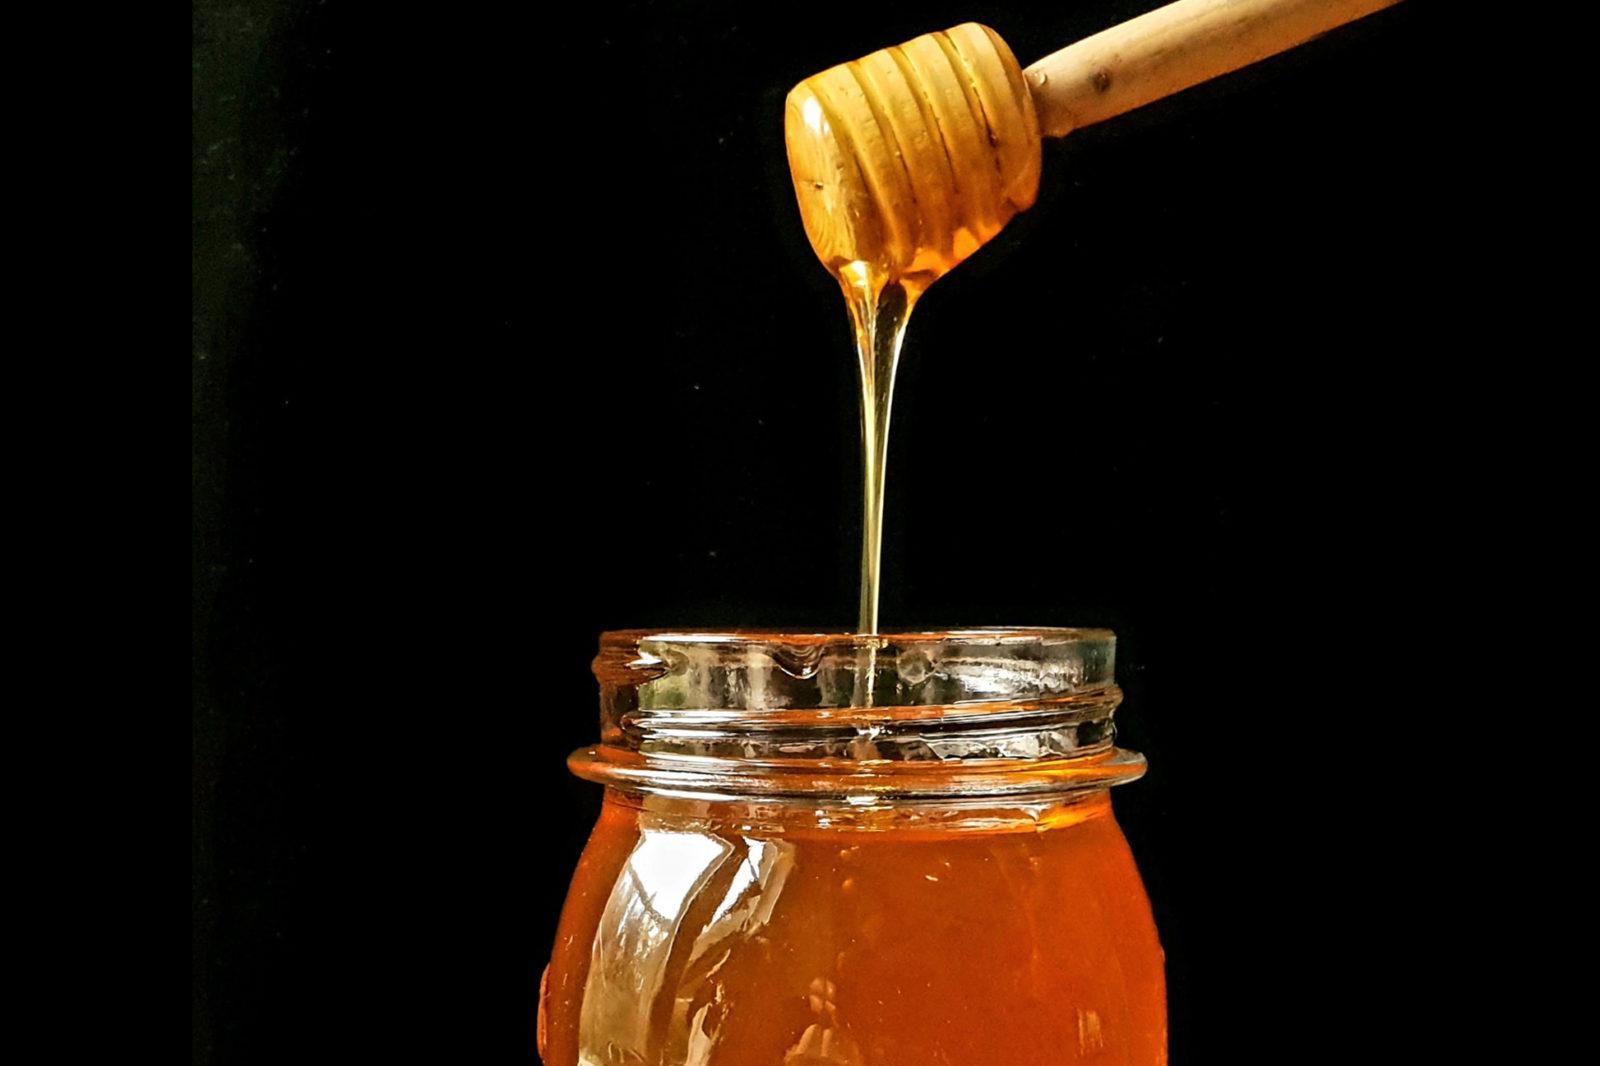 Hunajapurkki ja hunajatikku josta valuu juoksevaa hunajaa.